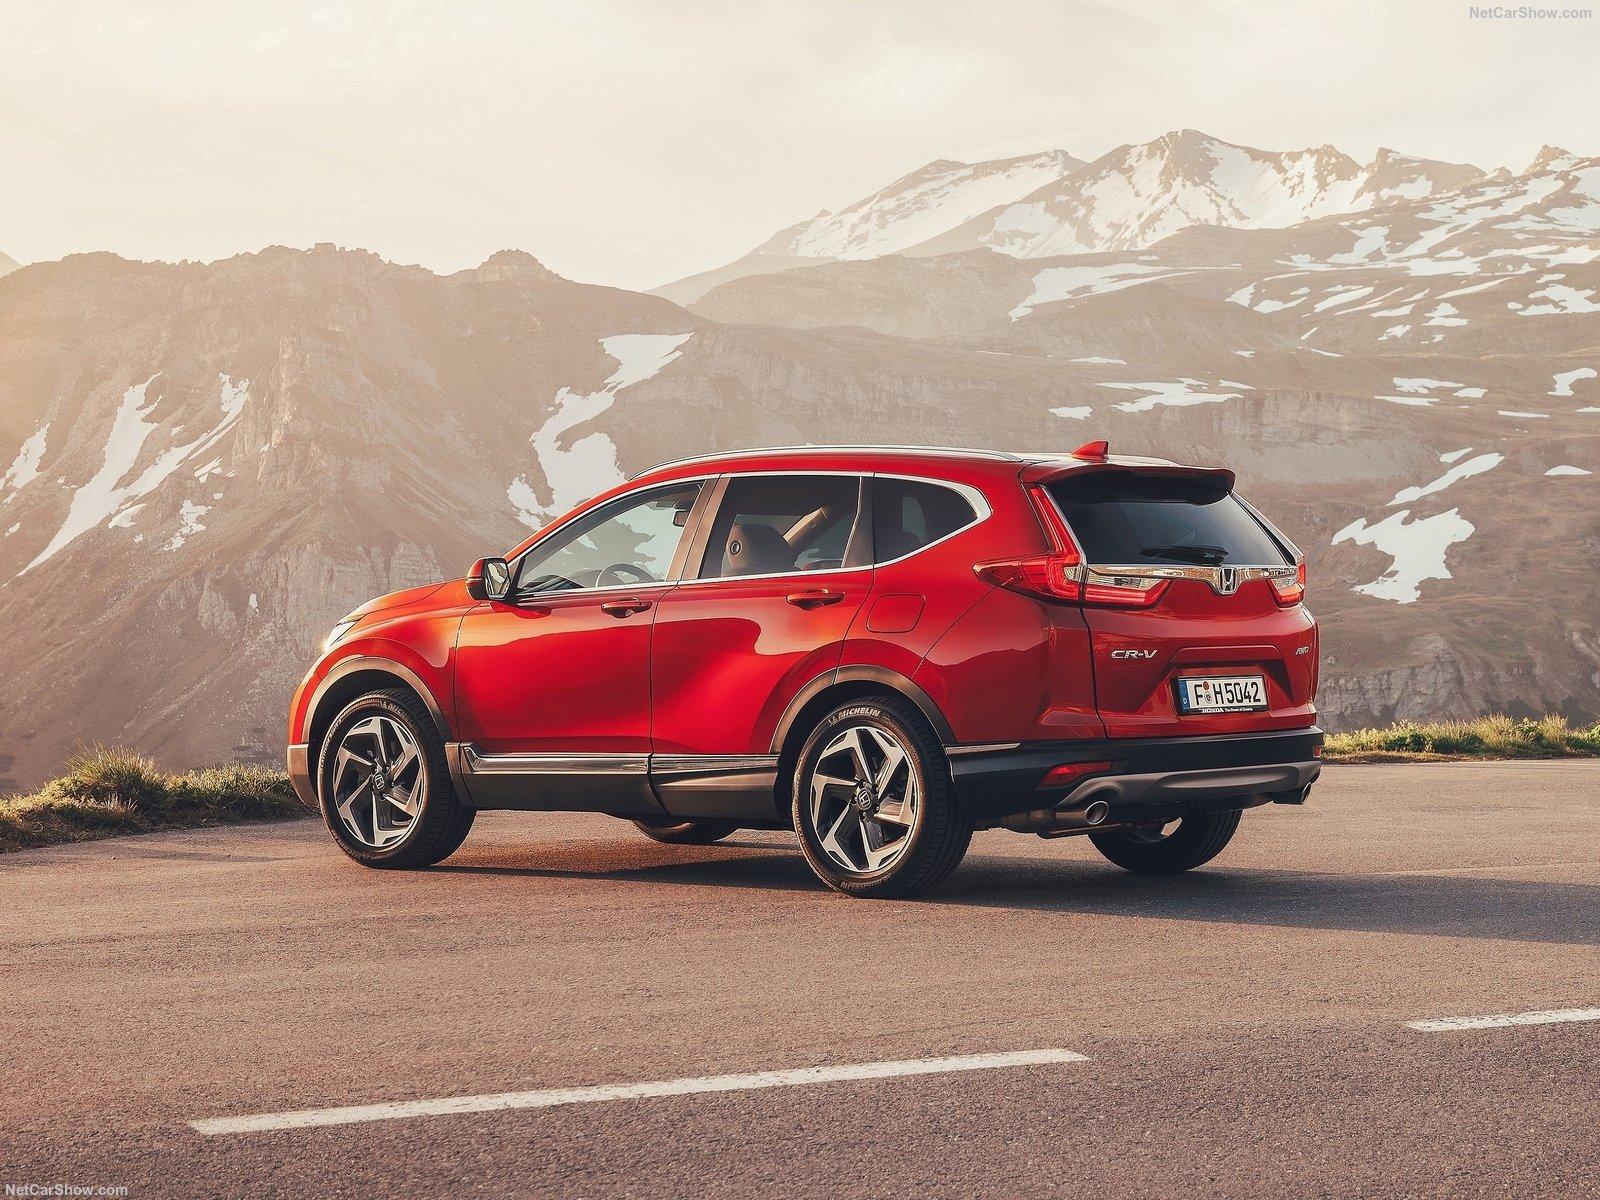 Акция от Honda: производитель снизил цены на CR-V и Pilot. Специальные условия действуют только до конца августа.